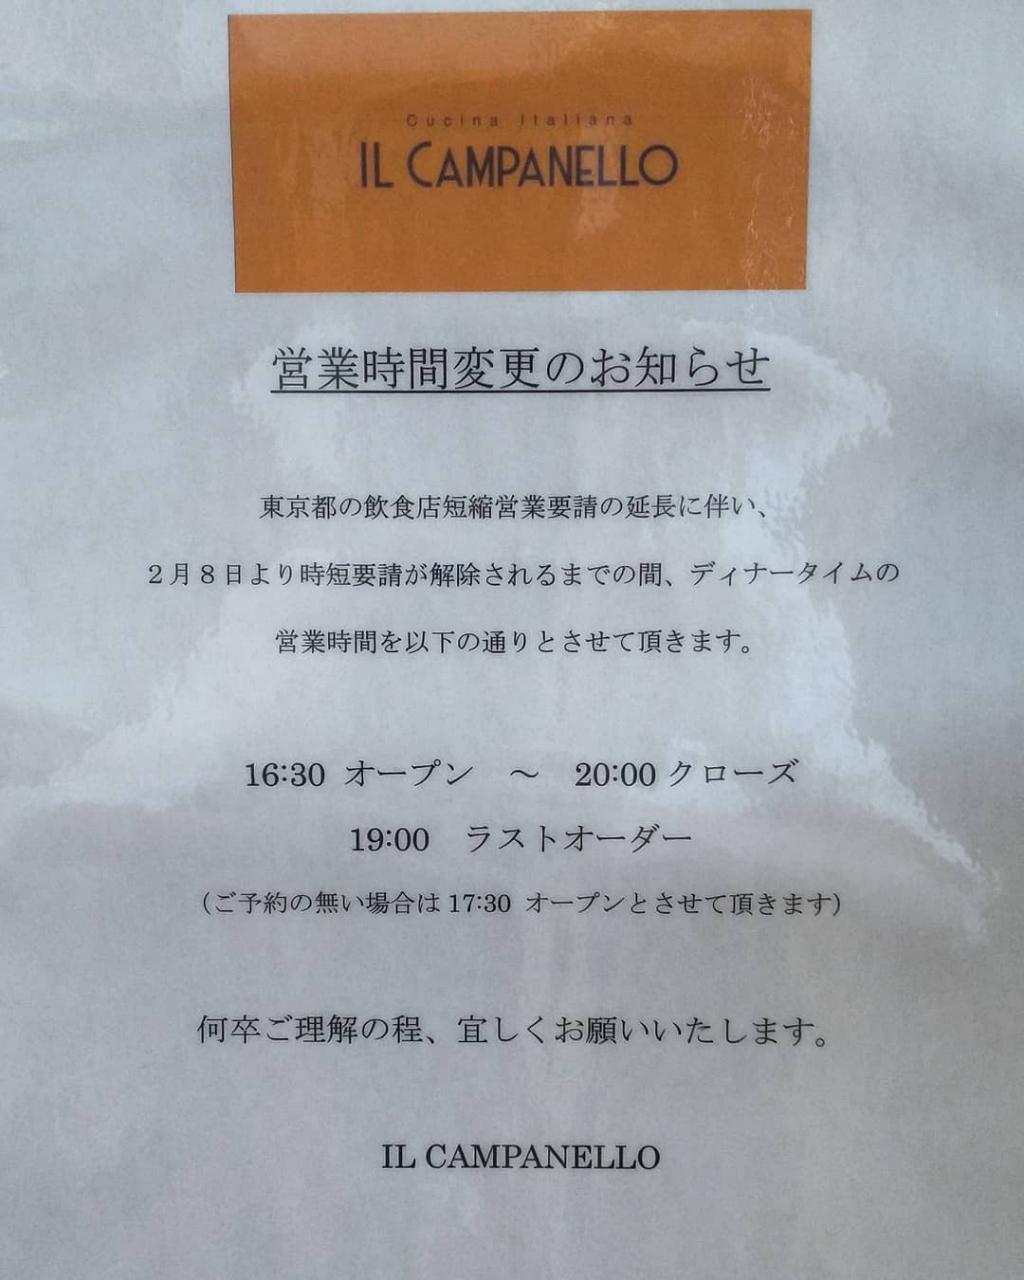 【営業時間変更のお知らせ】 IL Campanello cucina italiana / イルカンパネッロ クッチーナ イタリアーナ